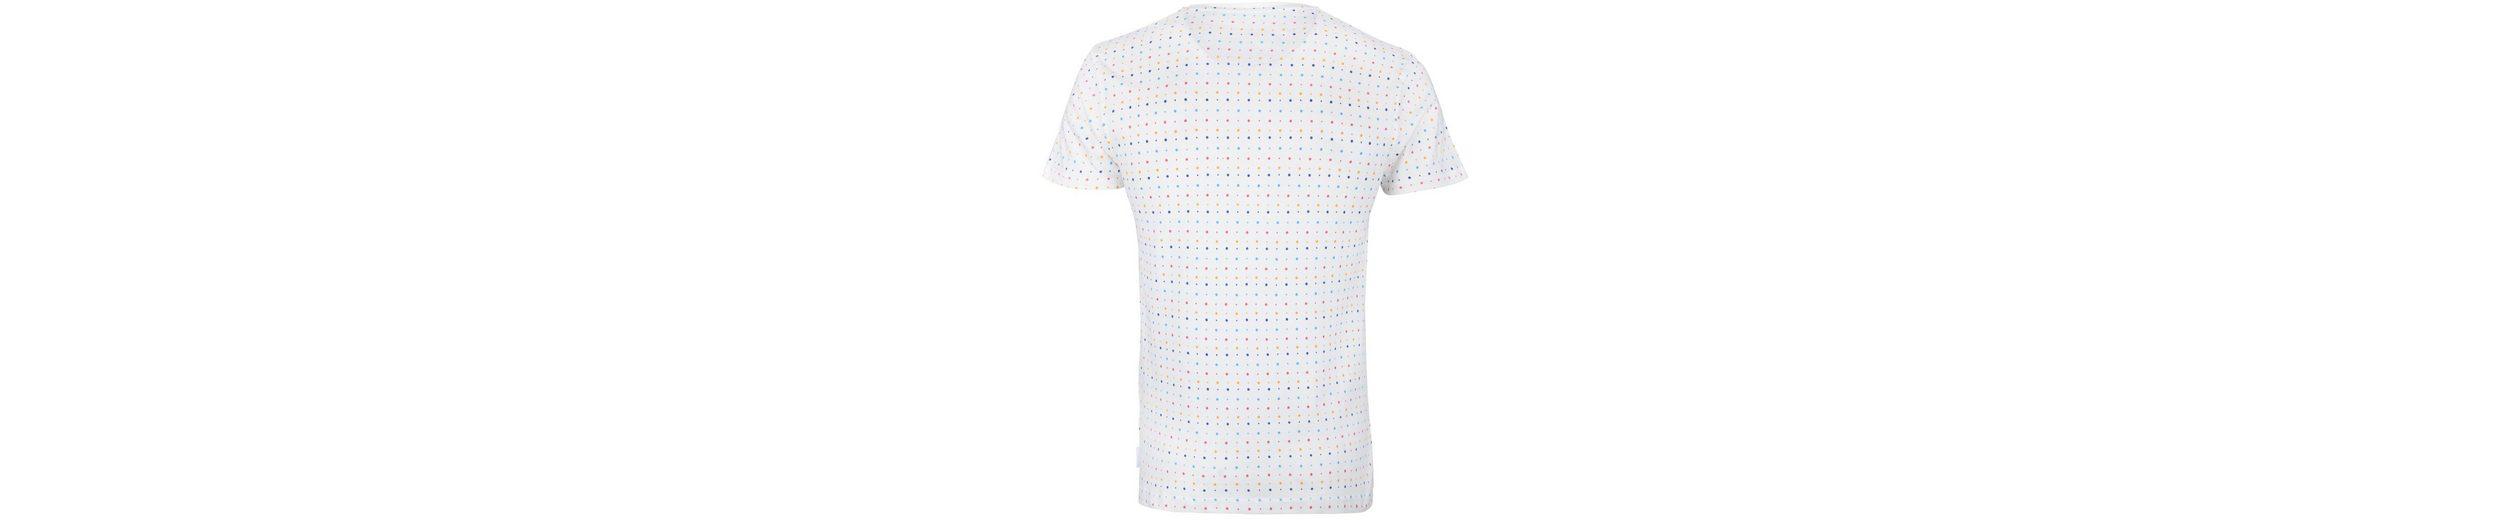 Billig Verkaufen Brandneue Unisex Verkauf Limitierter Auflage SOULSTAR T-Shirt Steckdose Footaction TFFMp2ATpa